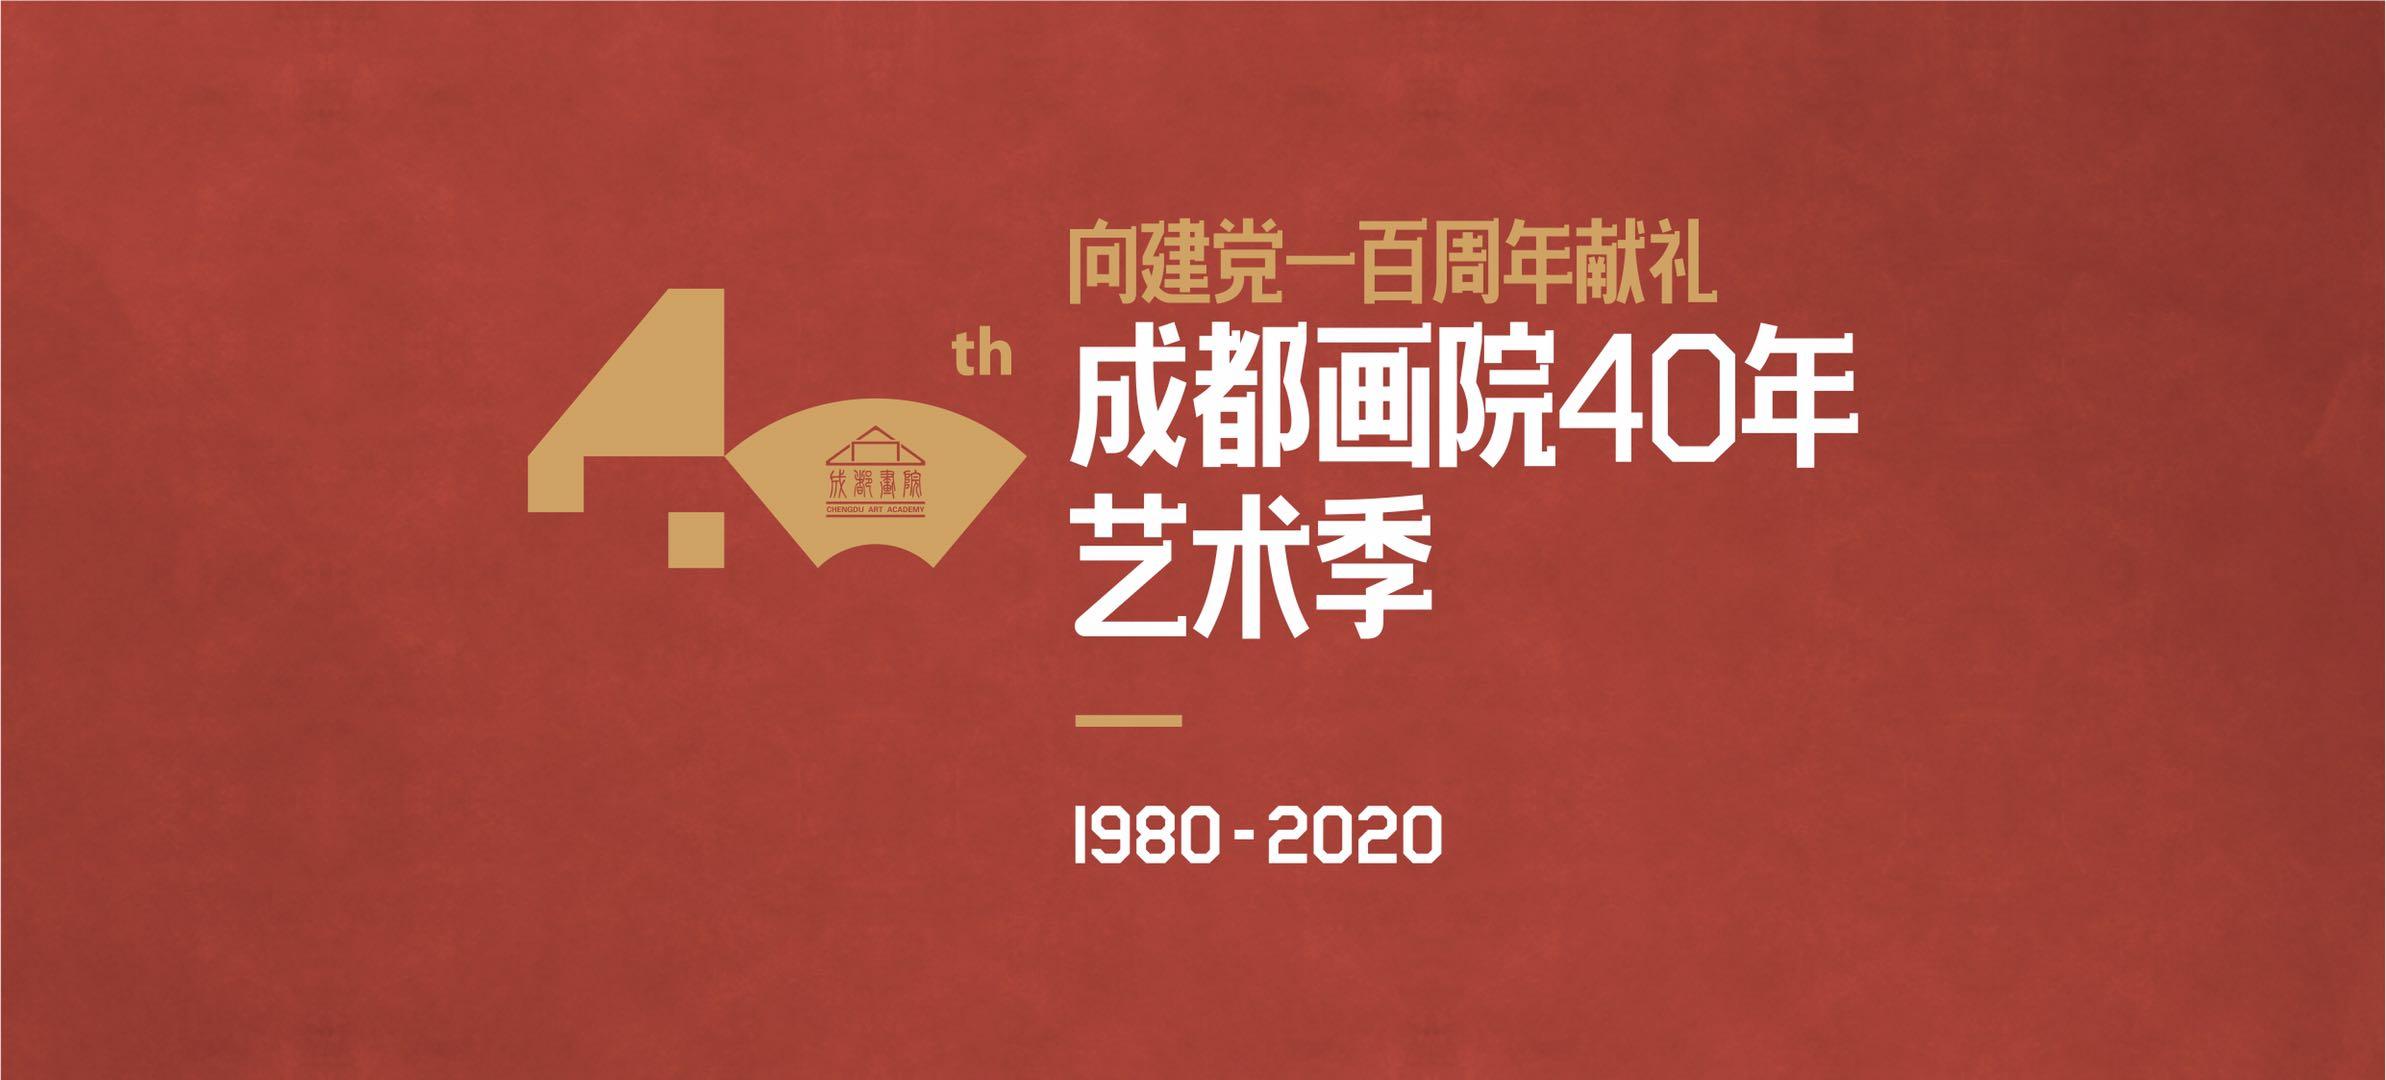 成都画院建院40年艺术季系列活动将于6月启动